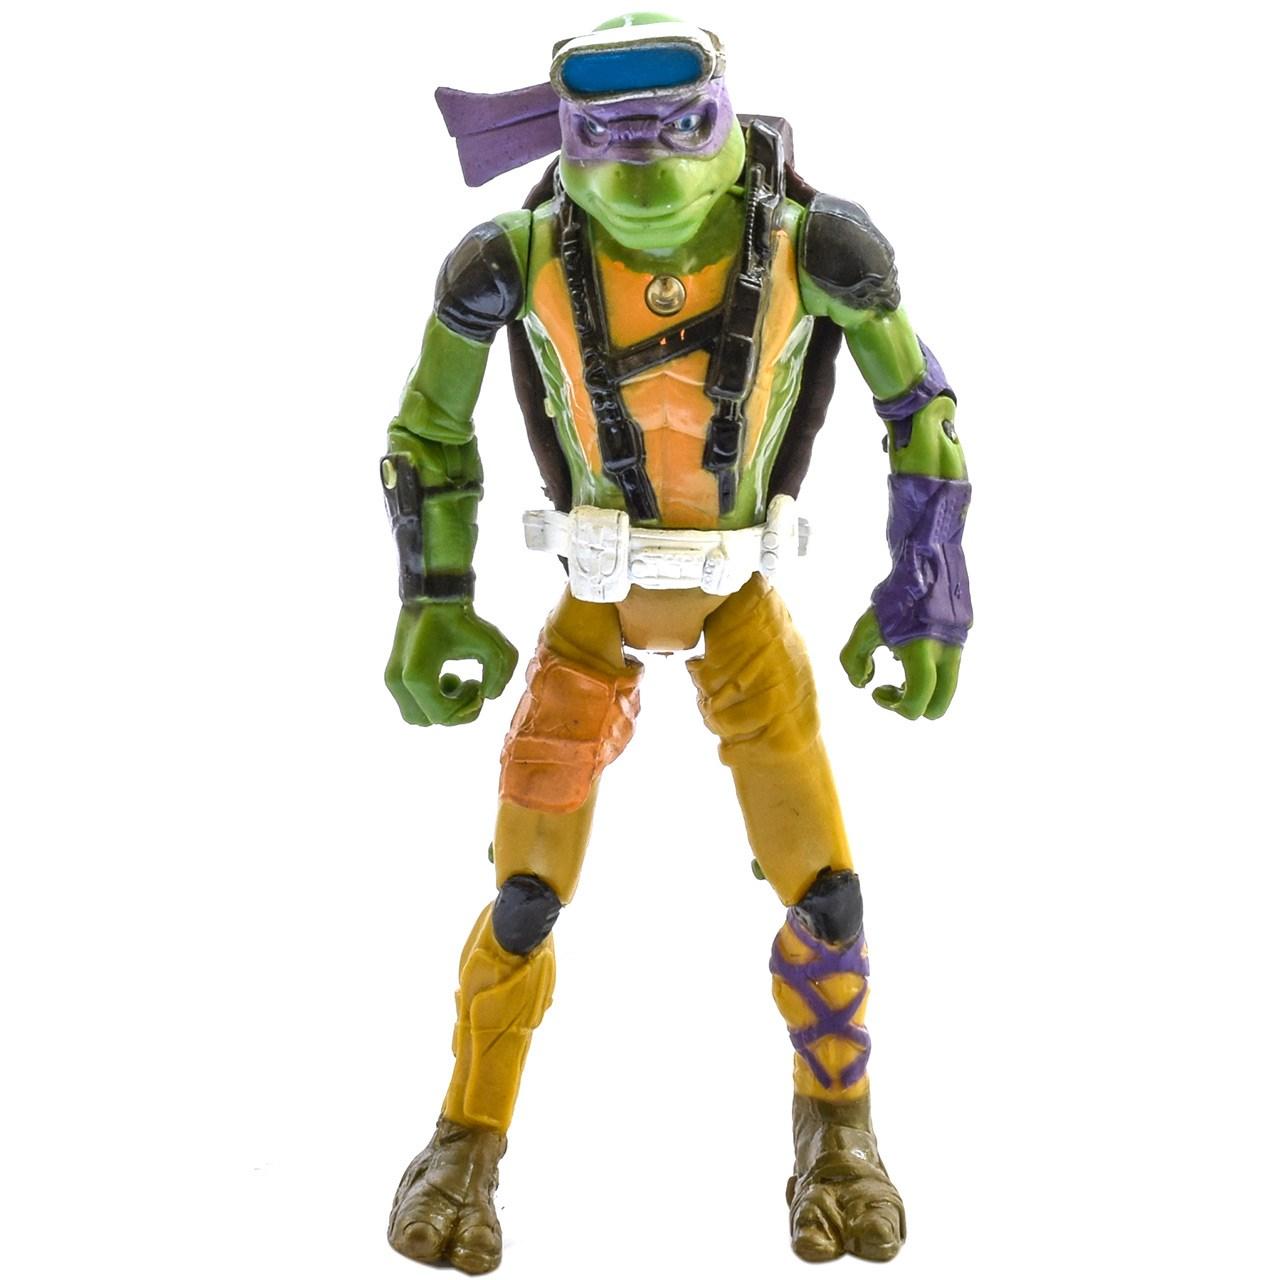 اکشن فیگور آناترا سری Ninja Turtles مدل Donatello